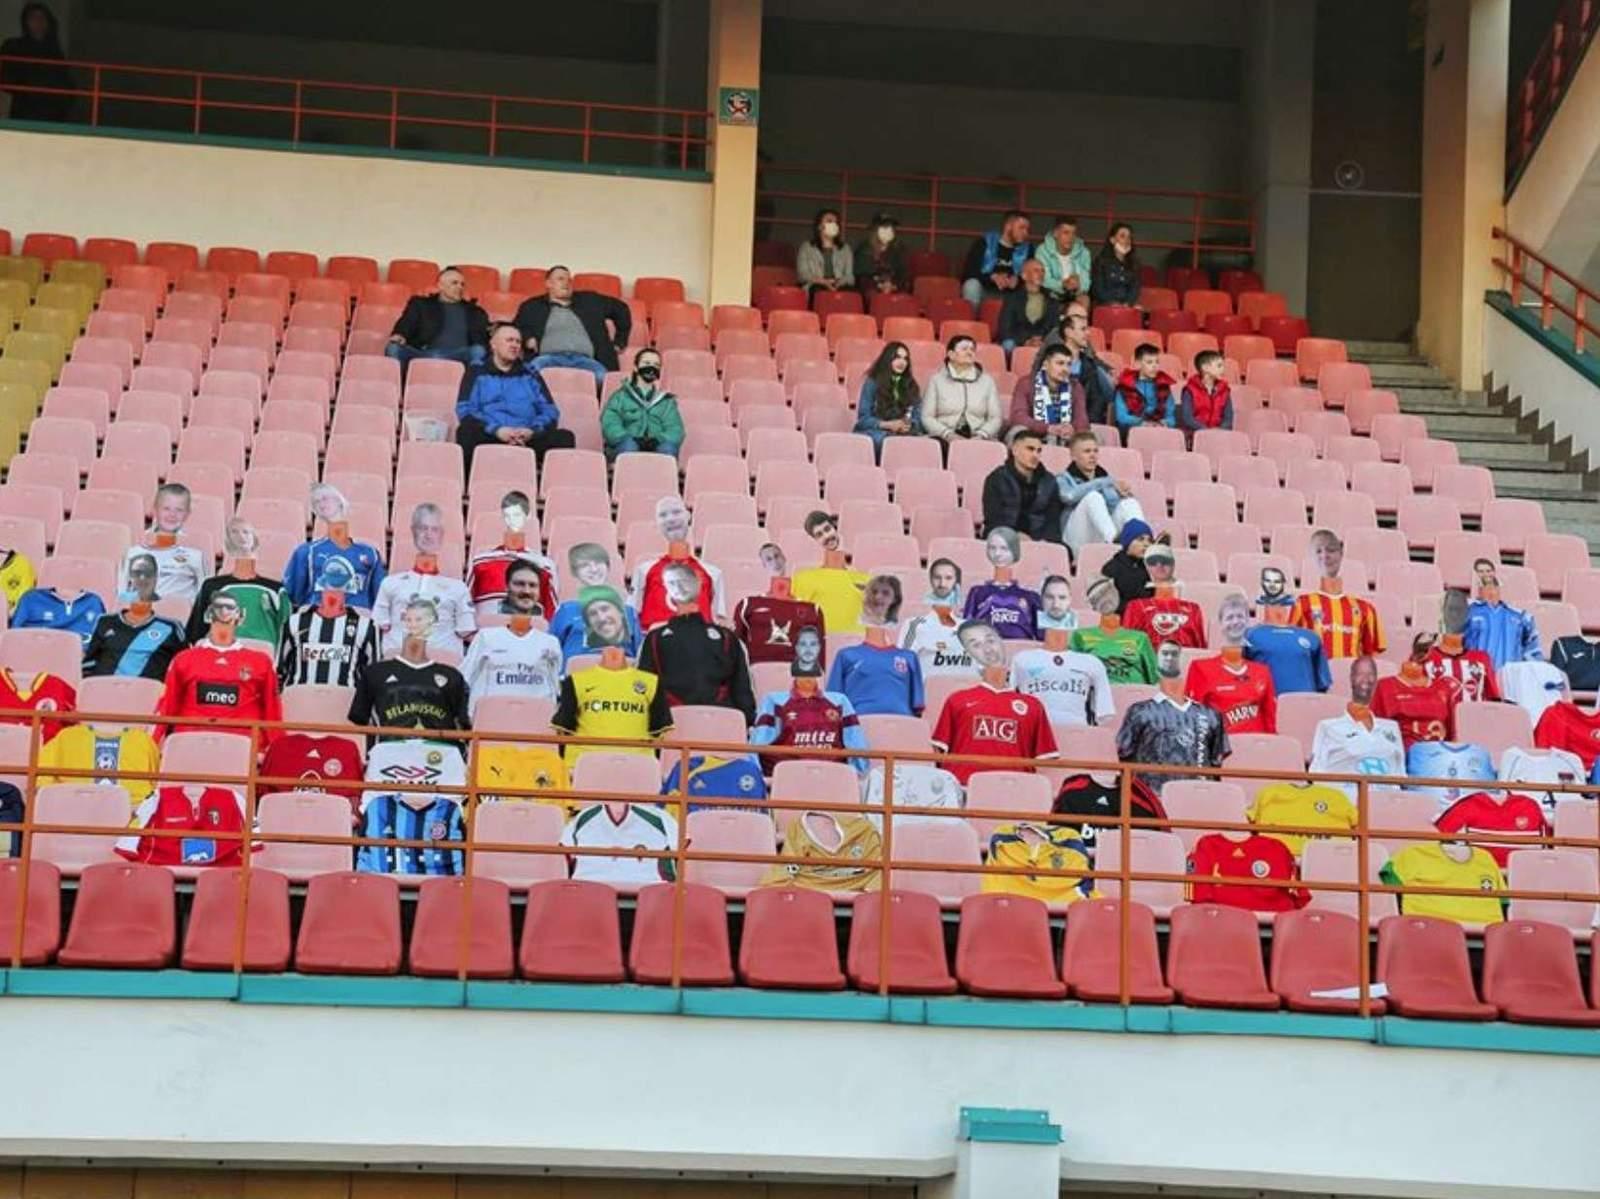 Футбольный матч Кубка Беларуси посетили более 70 картонных зрителей, билет стоил до 6 500 рублей